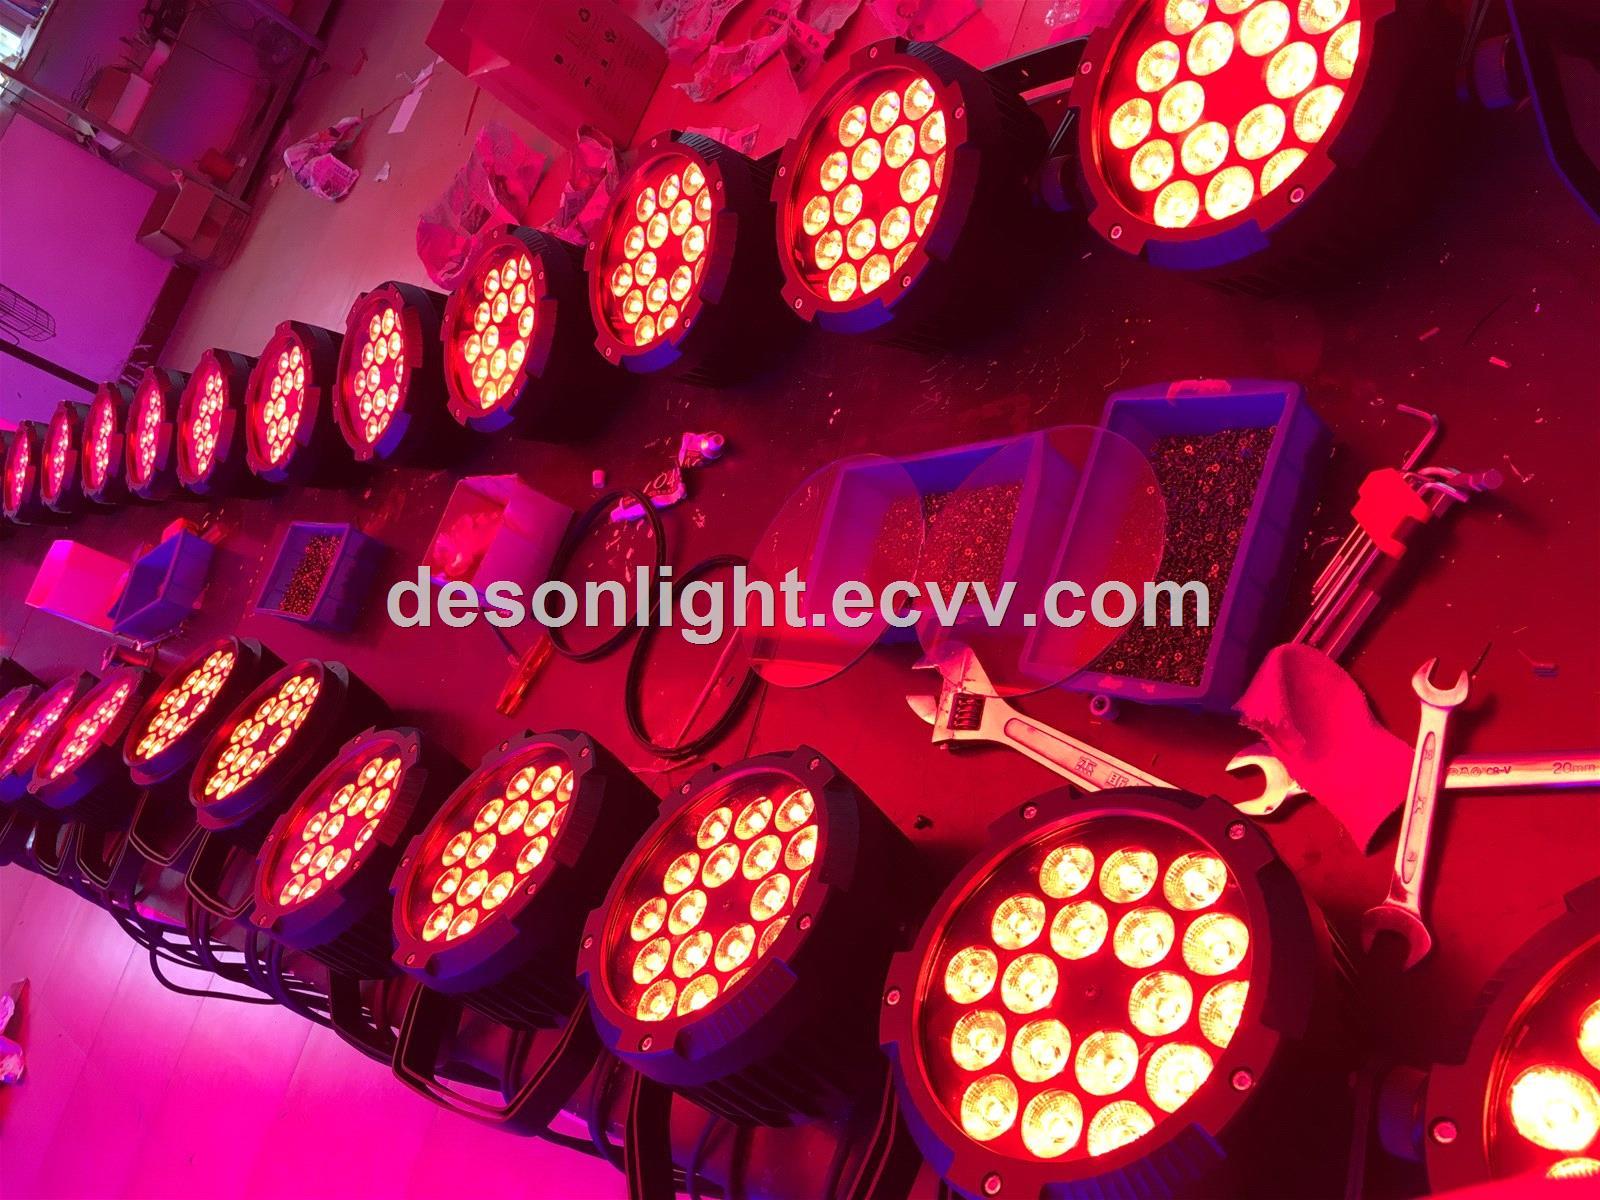 18x3in1 Triple LED waterproof par stage light LP228